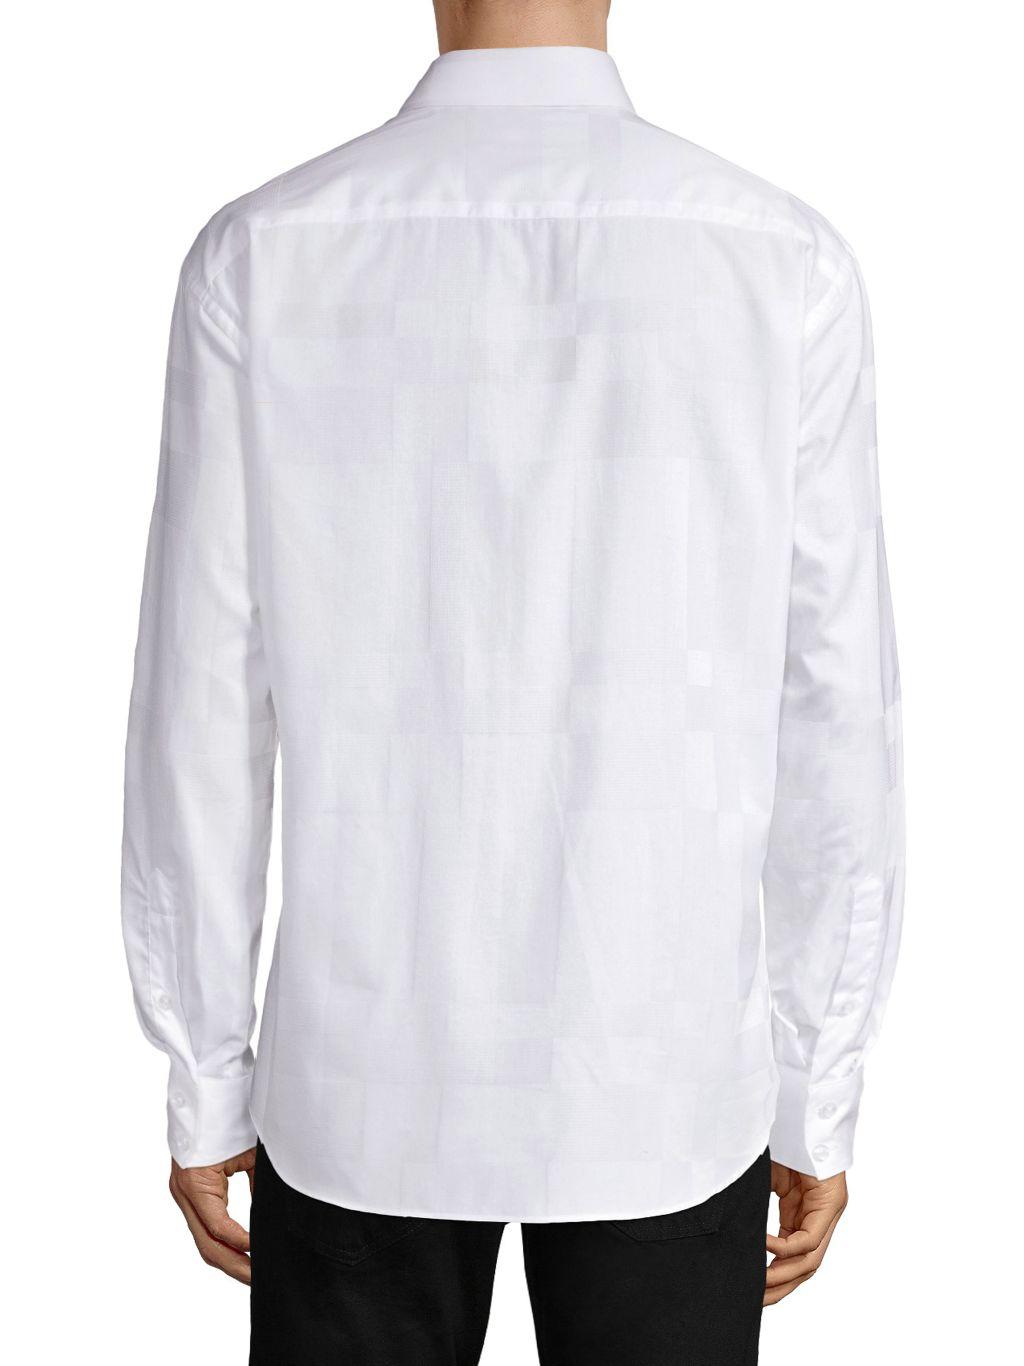 Bertigo Woven Checker Shirt